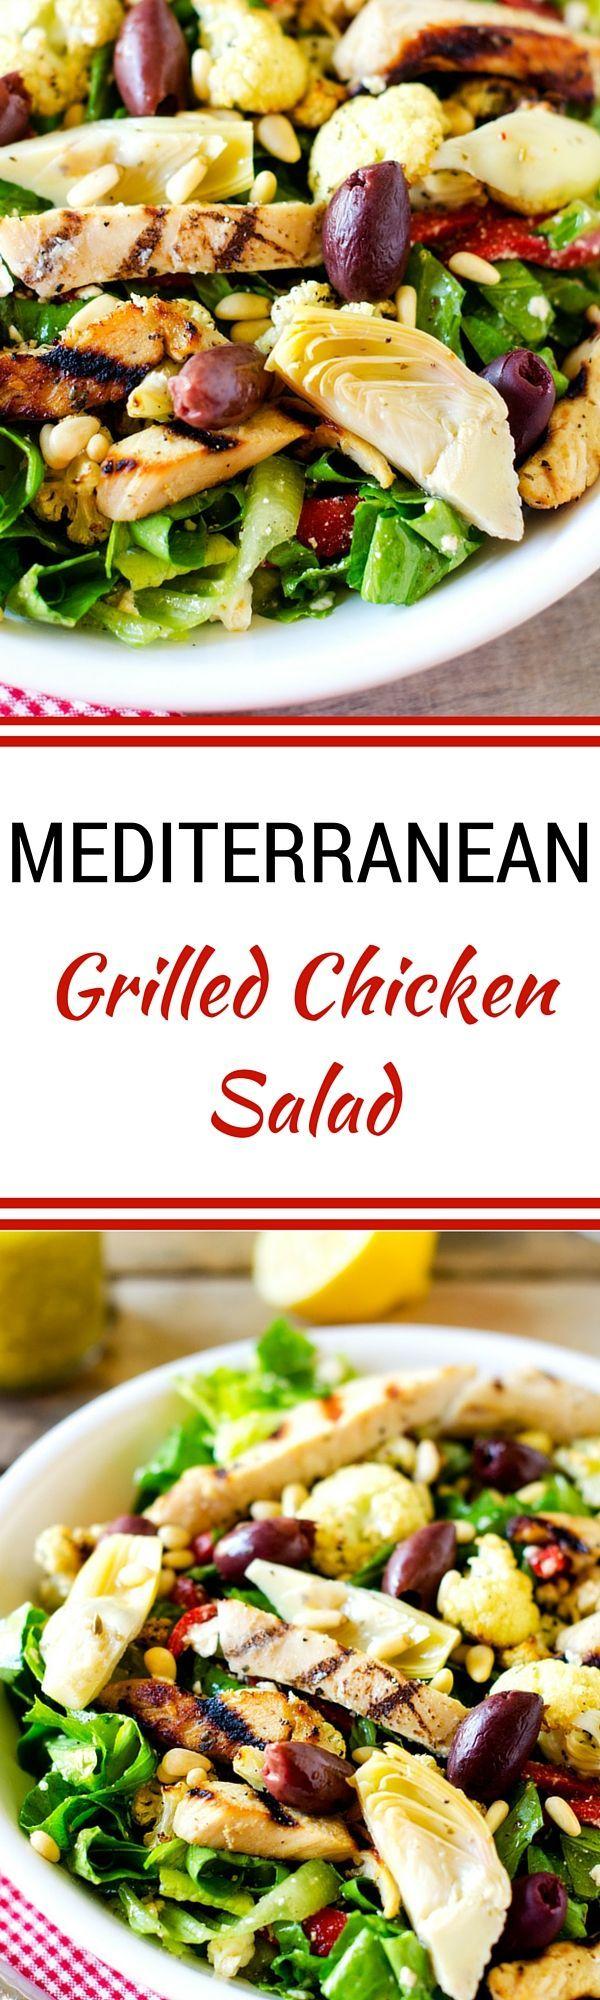 Mediterranean Grilled Chicken Salad - @natureraised #natureraisedrecipes #ad